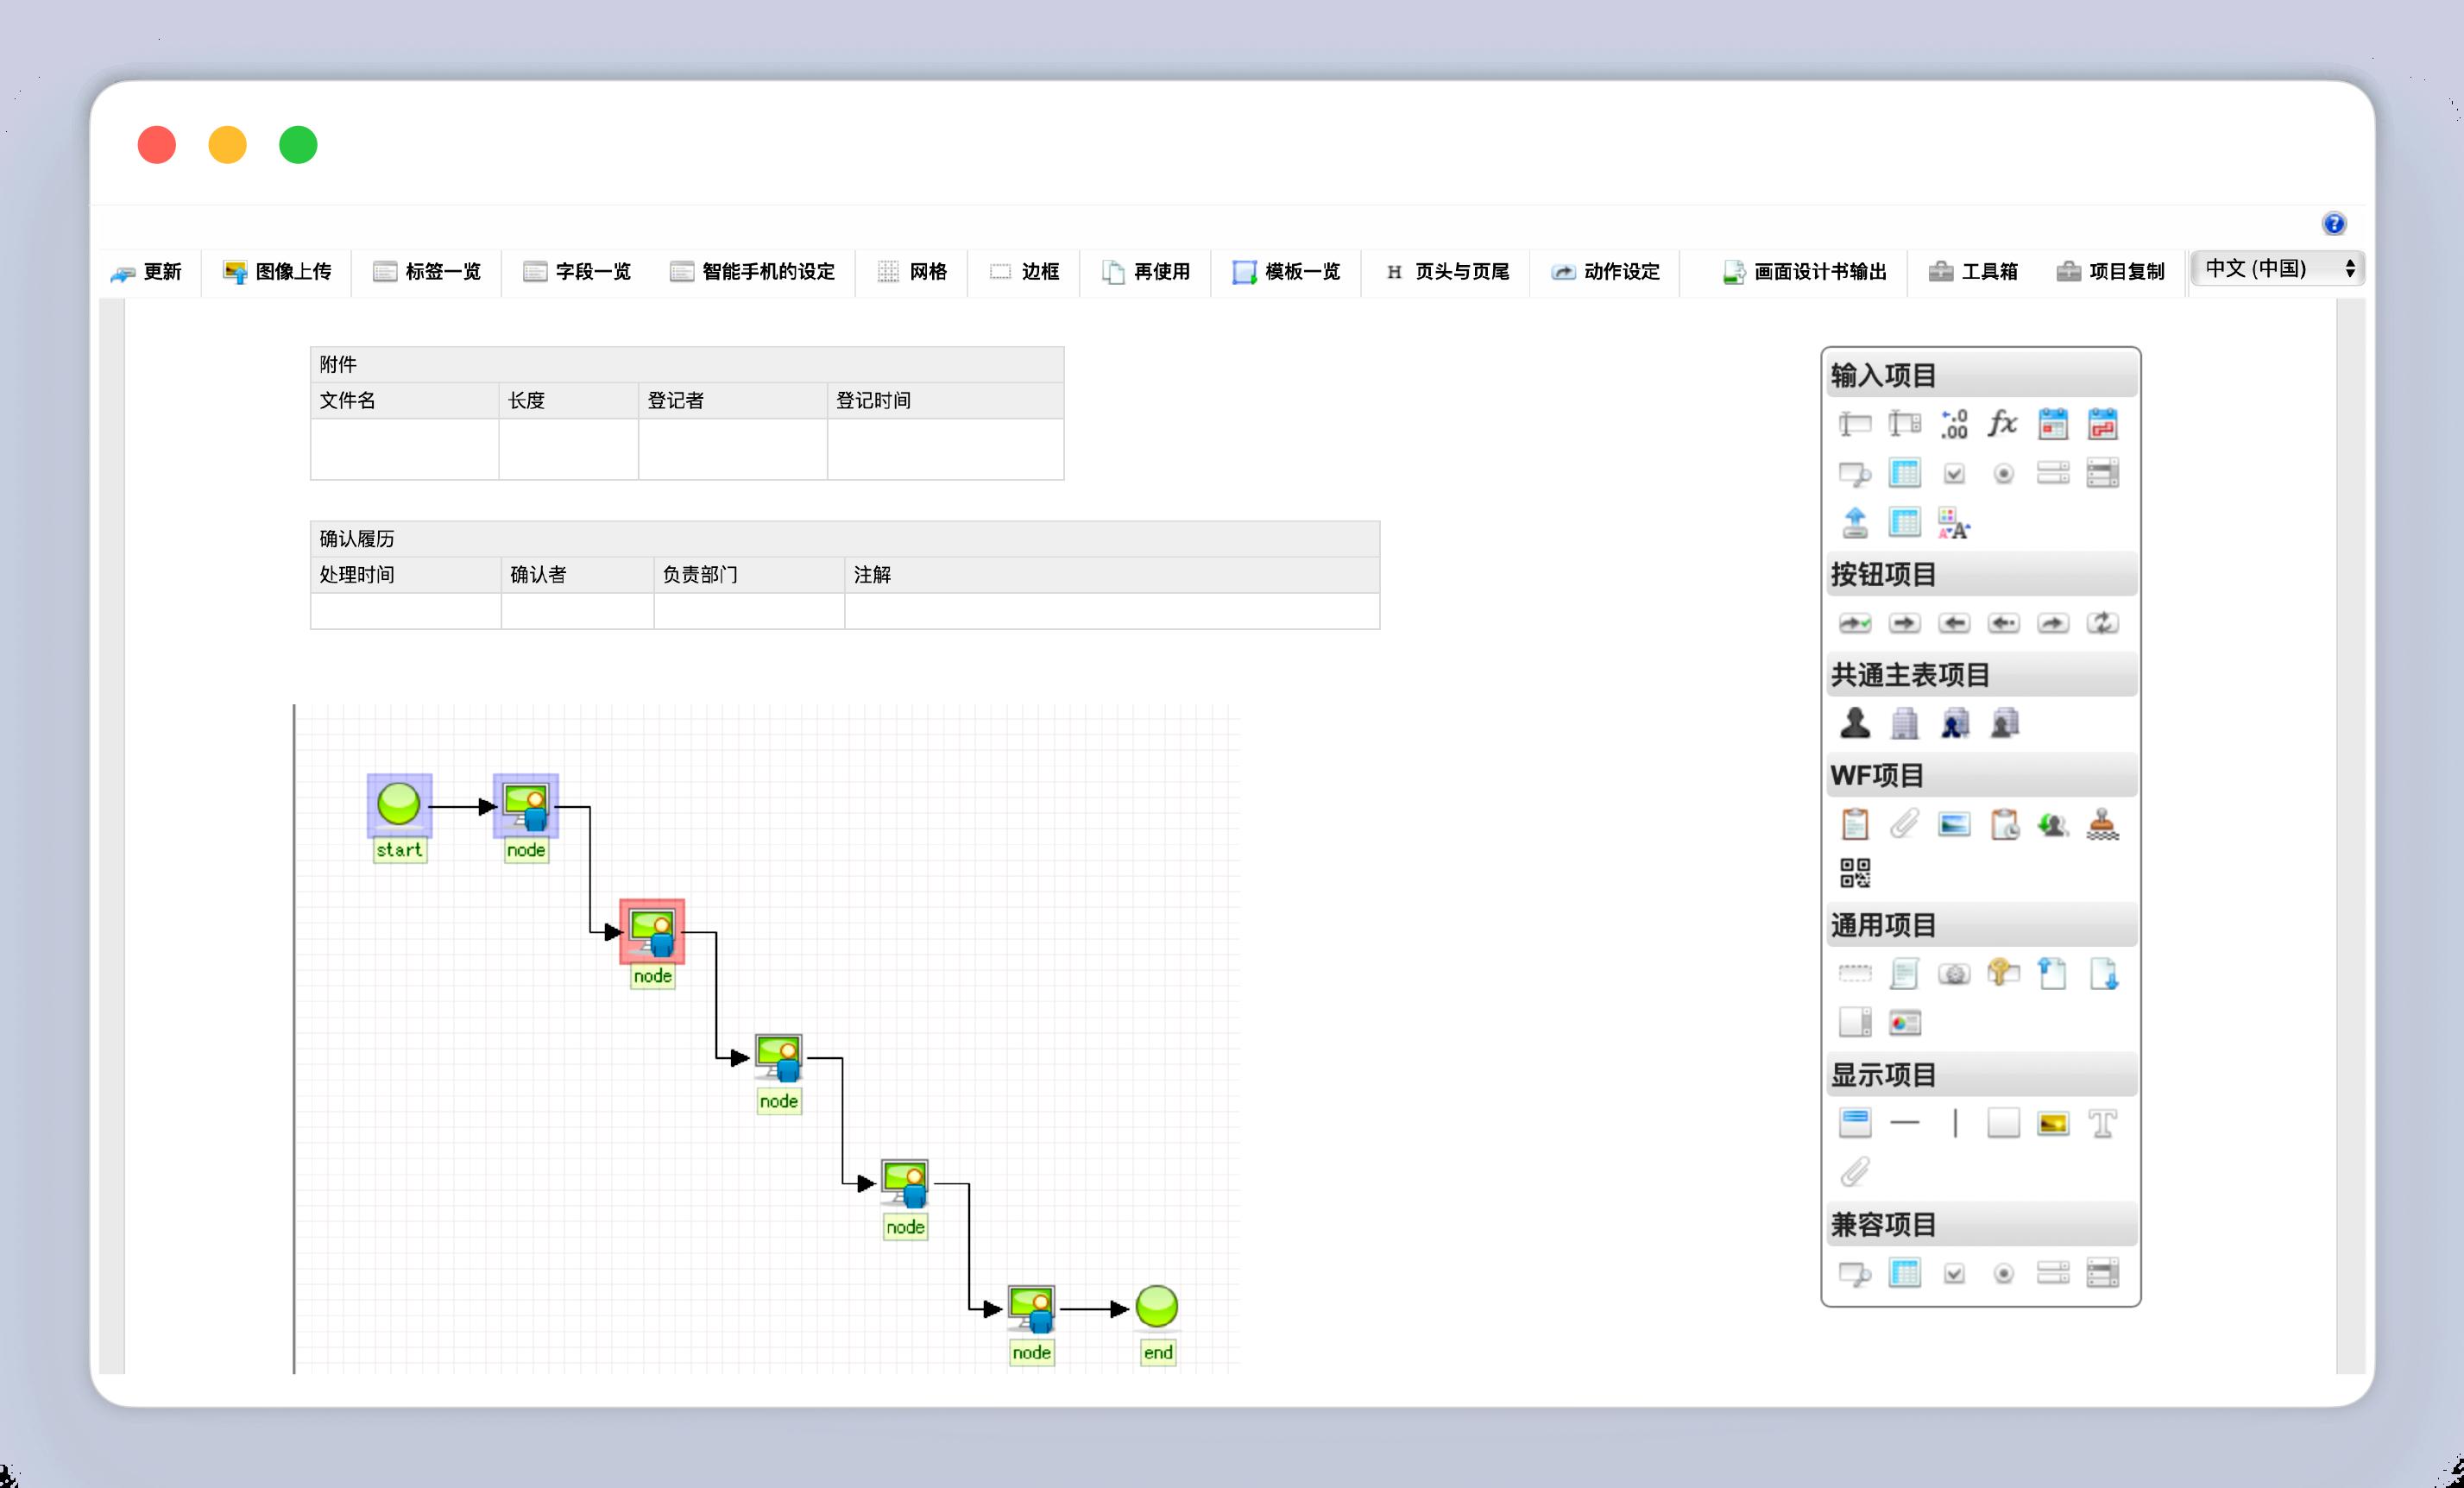 简易表单开发工具